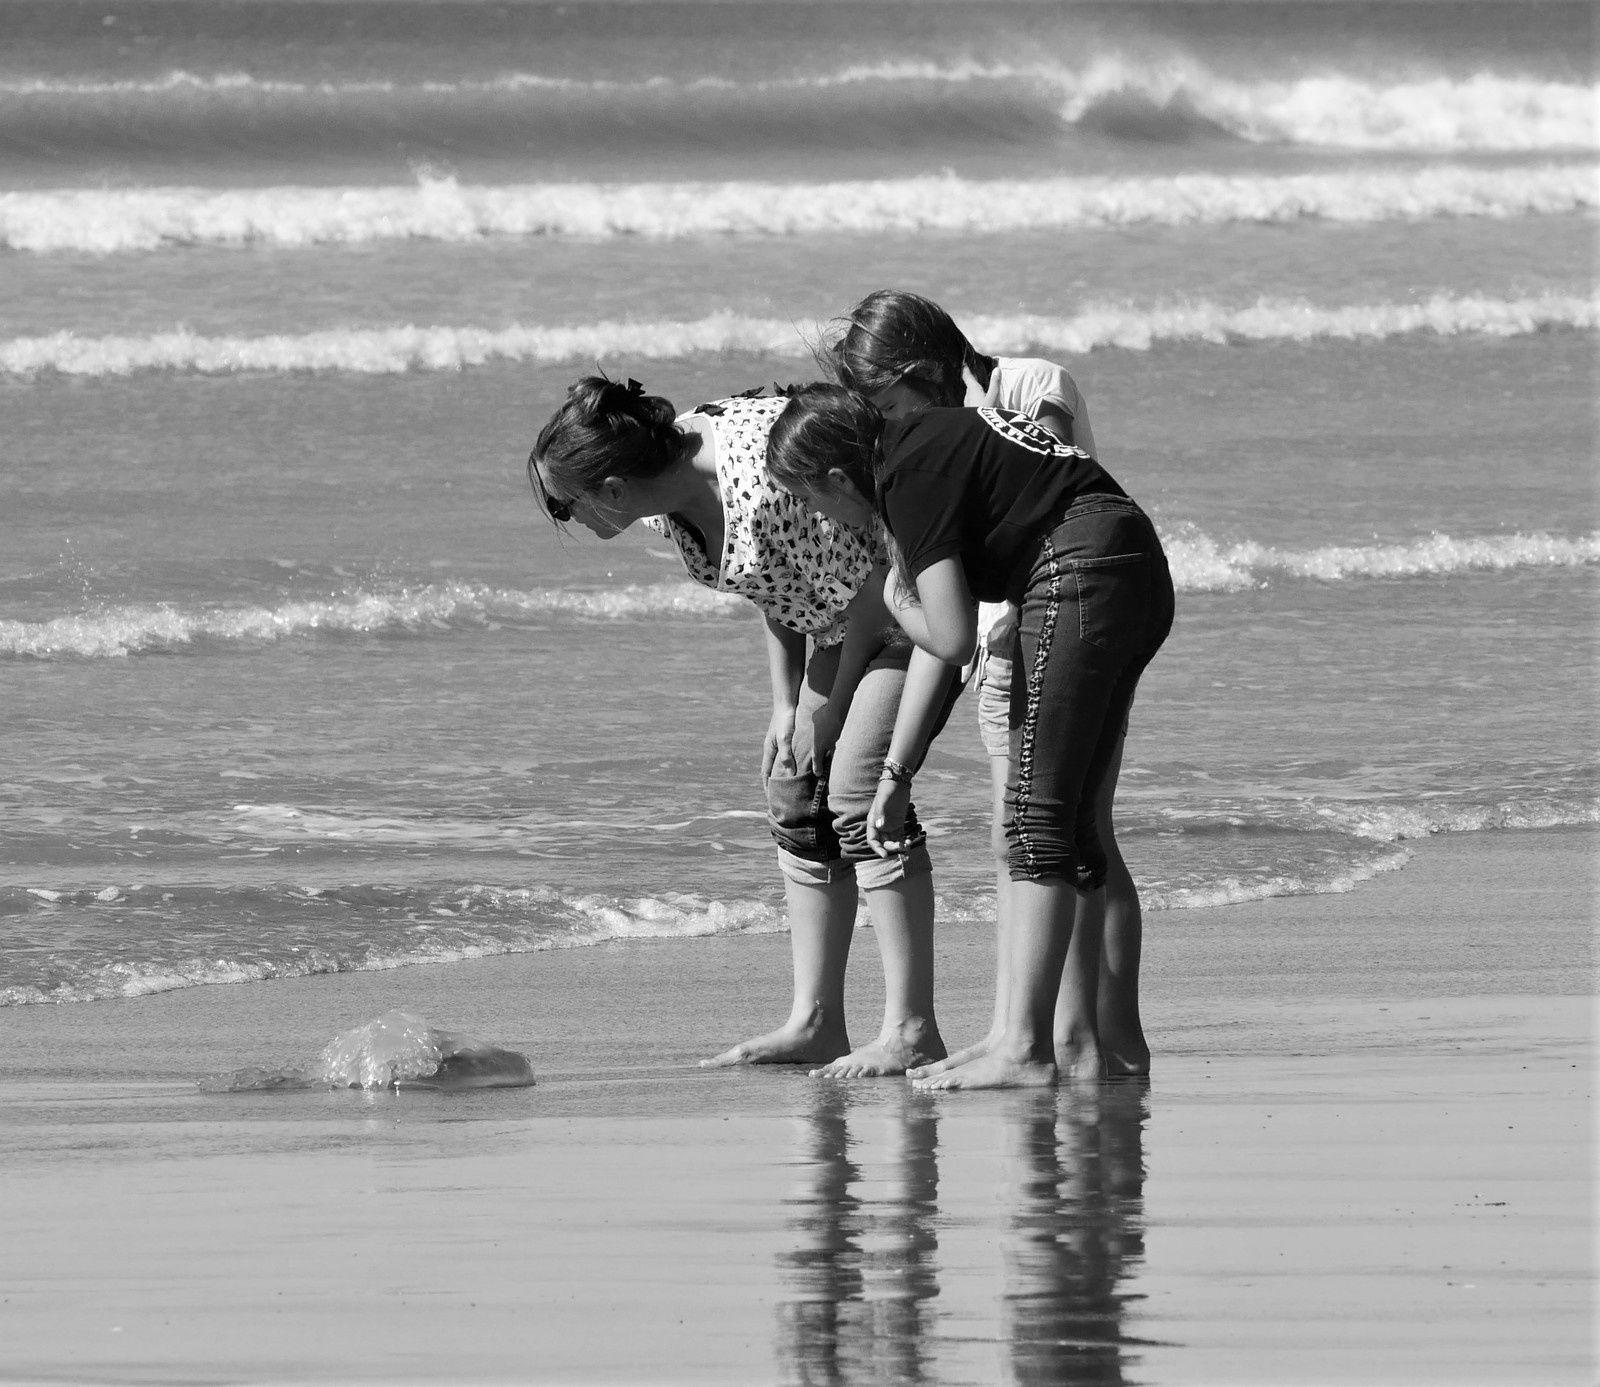 Septembre dans l'île d'Oléron. Album photos